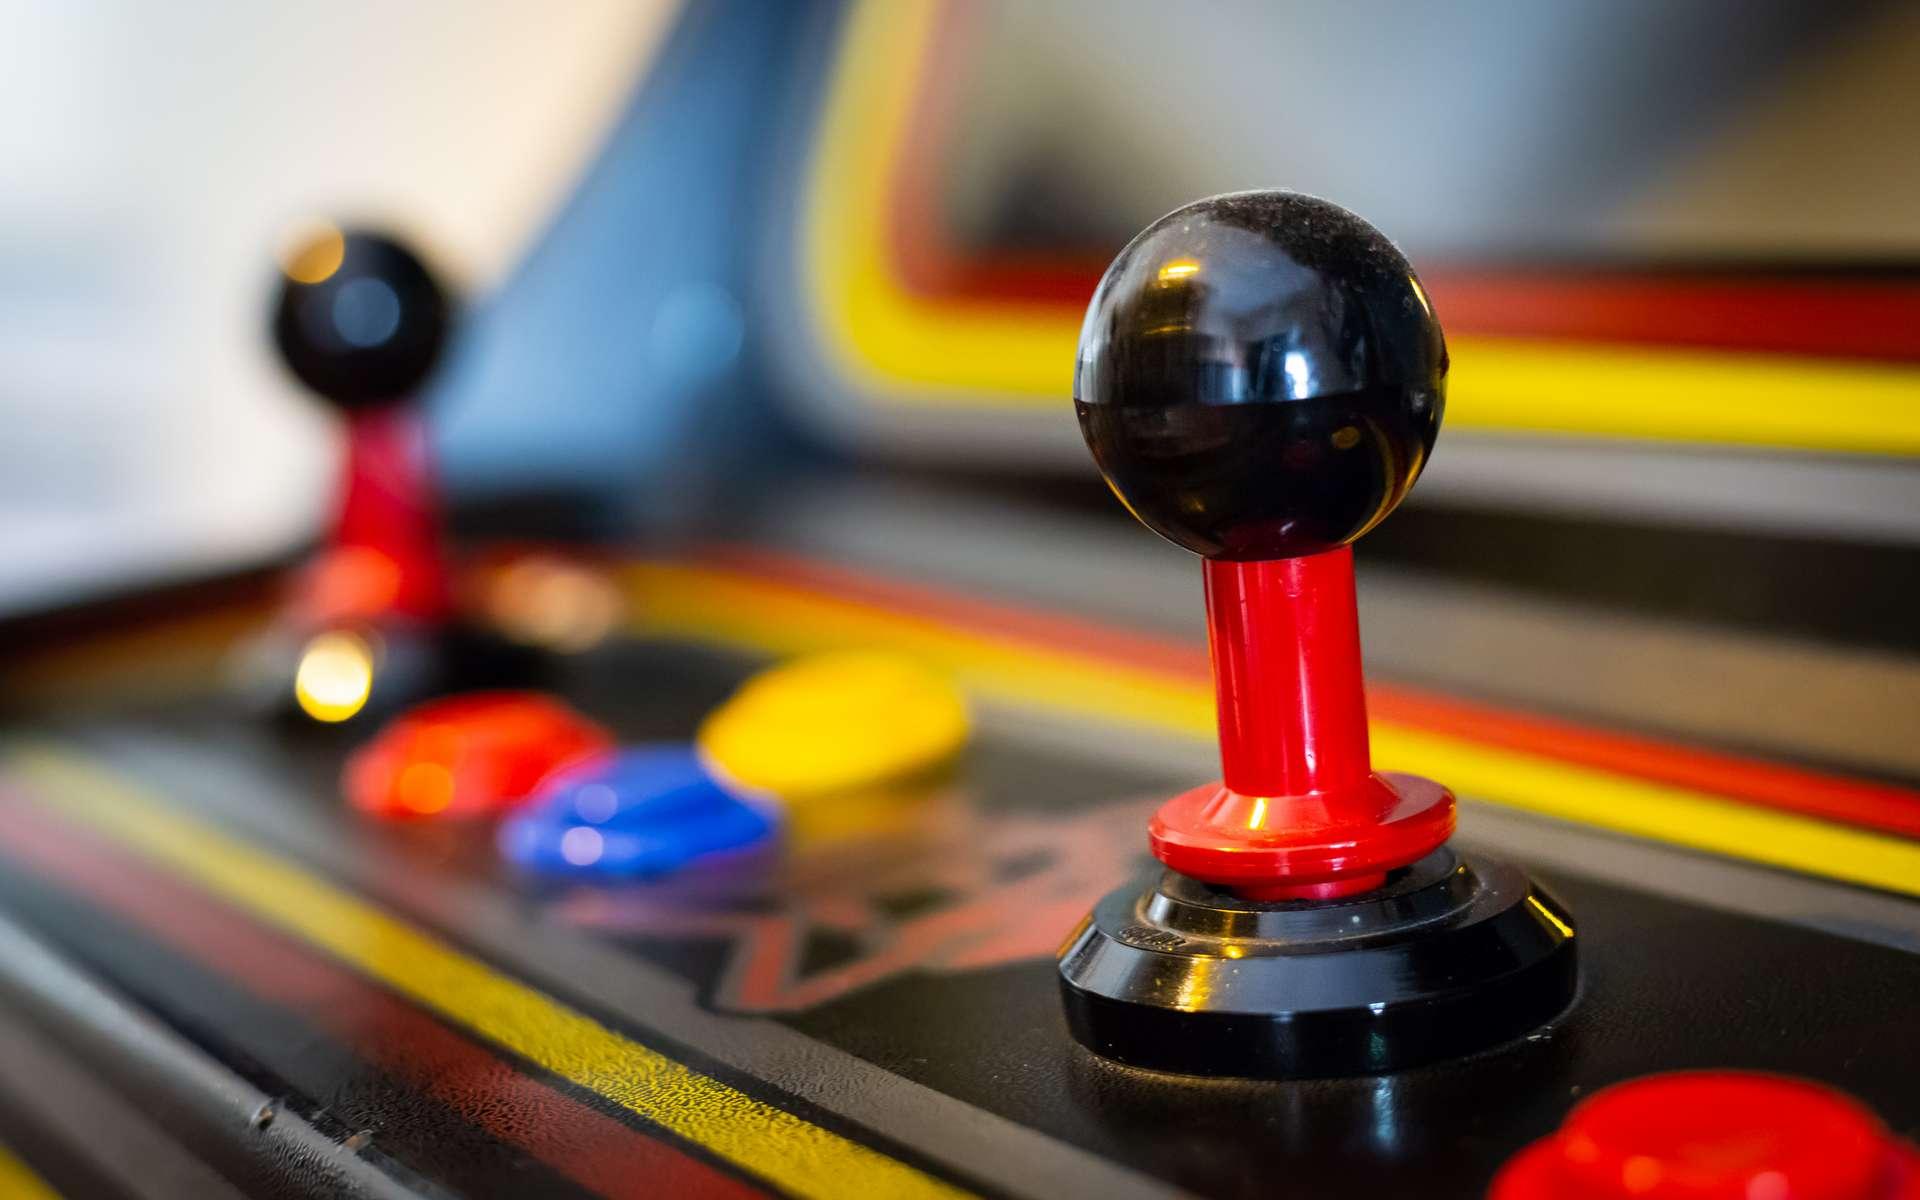 Le joystick est inspiré des commandes d'aéronautique. © Giuseppe Cammino, Adobe Stock